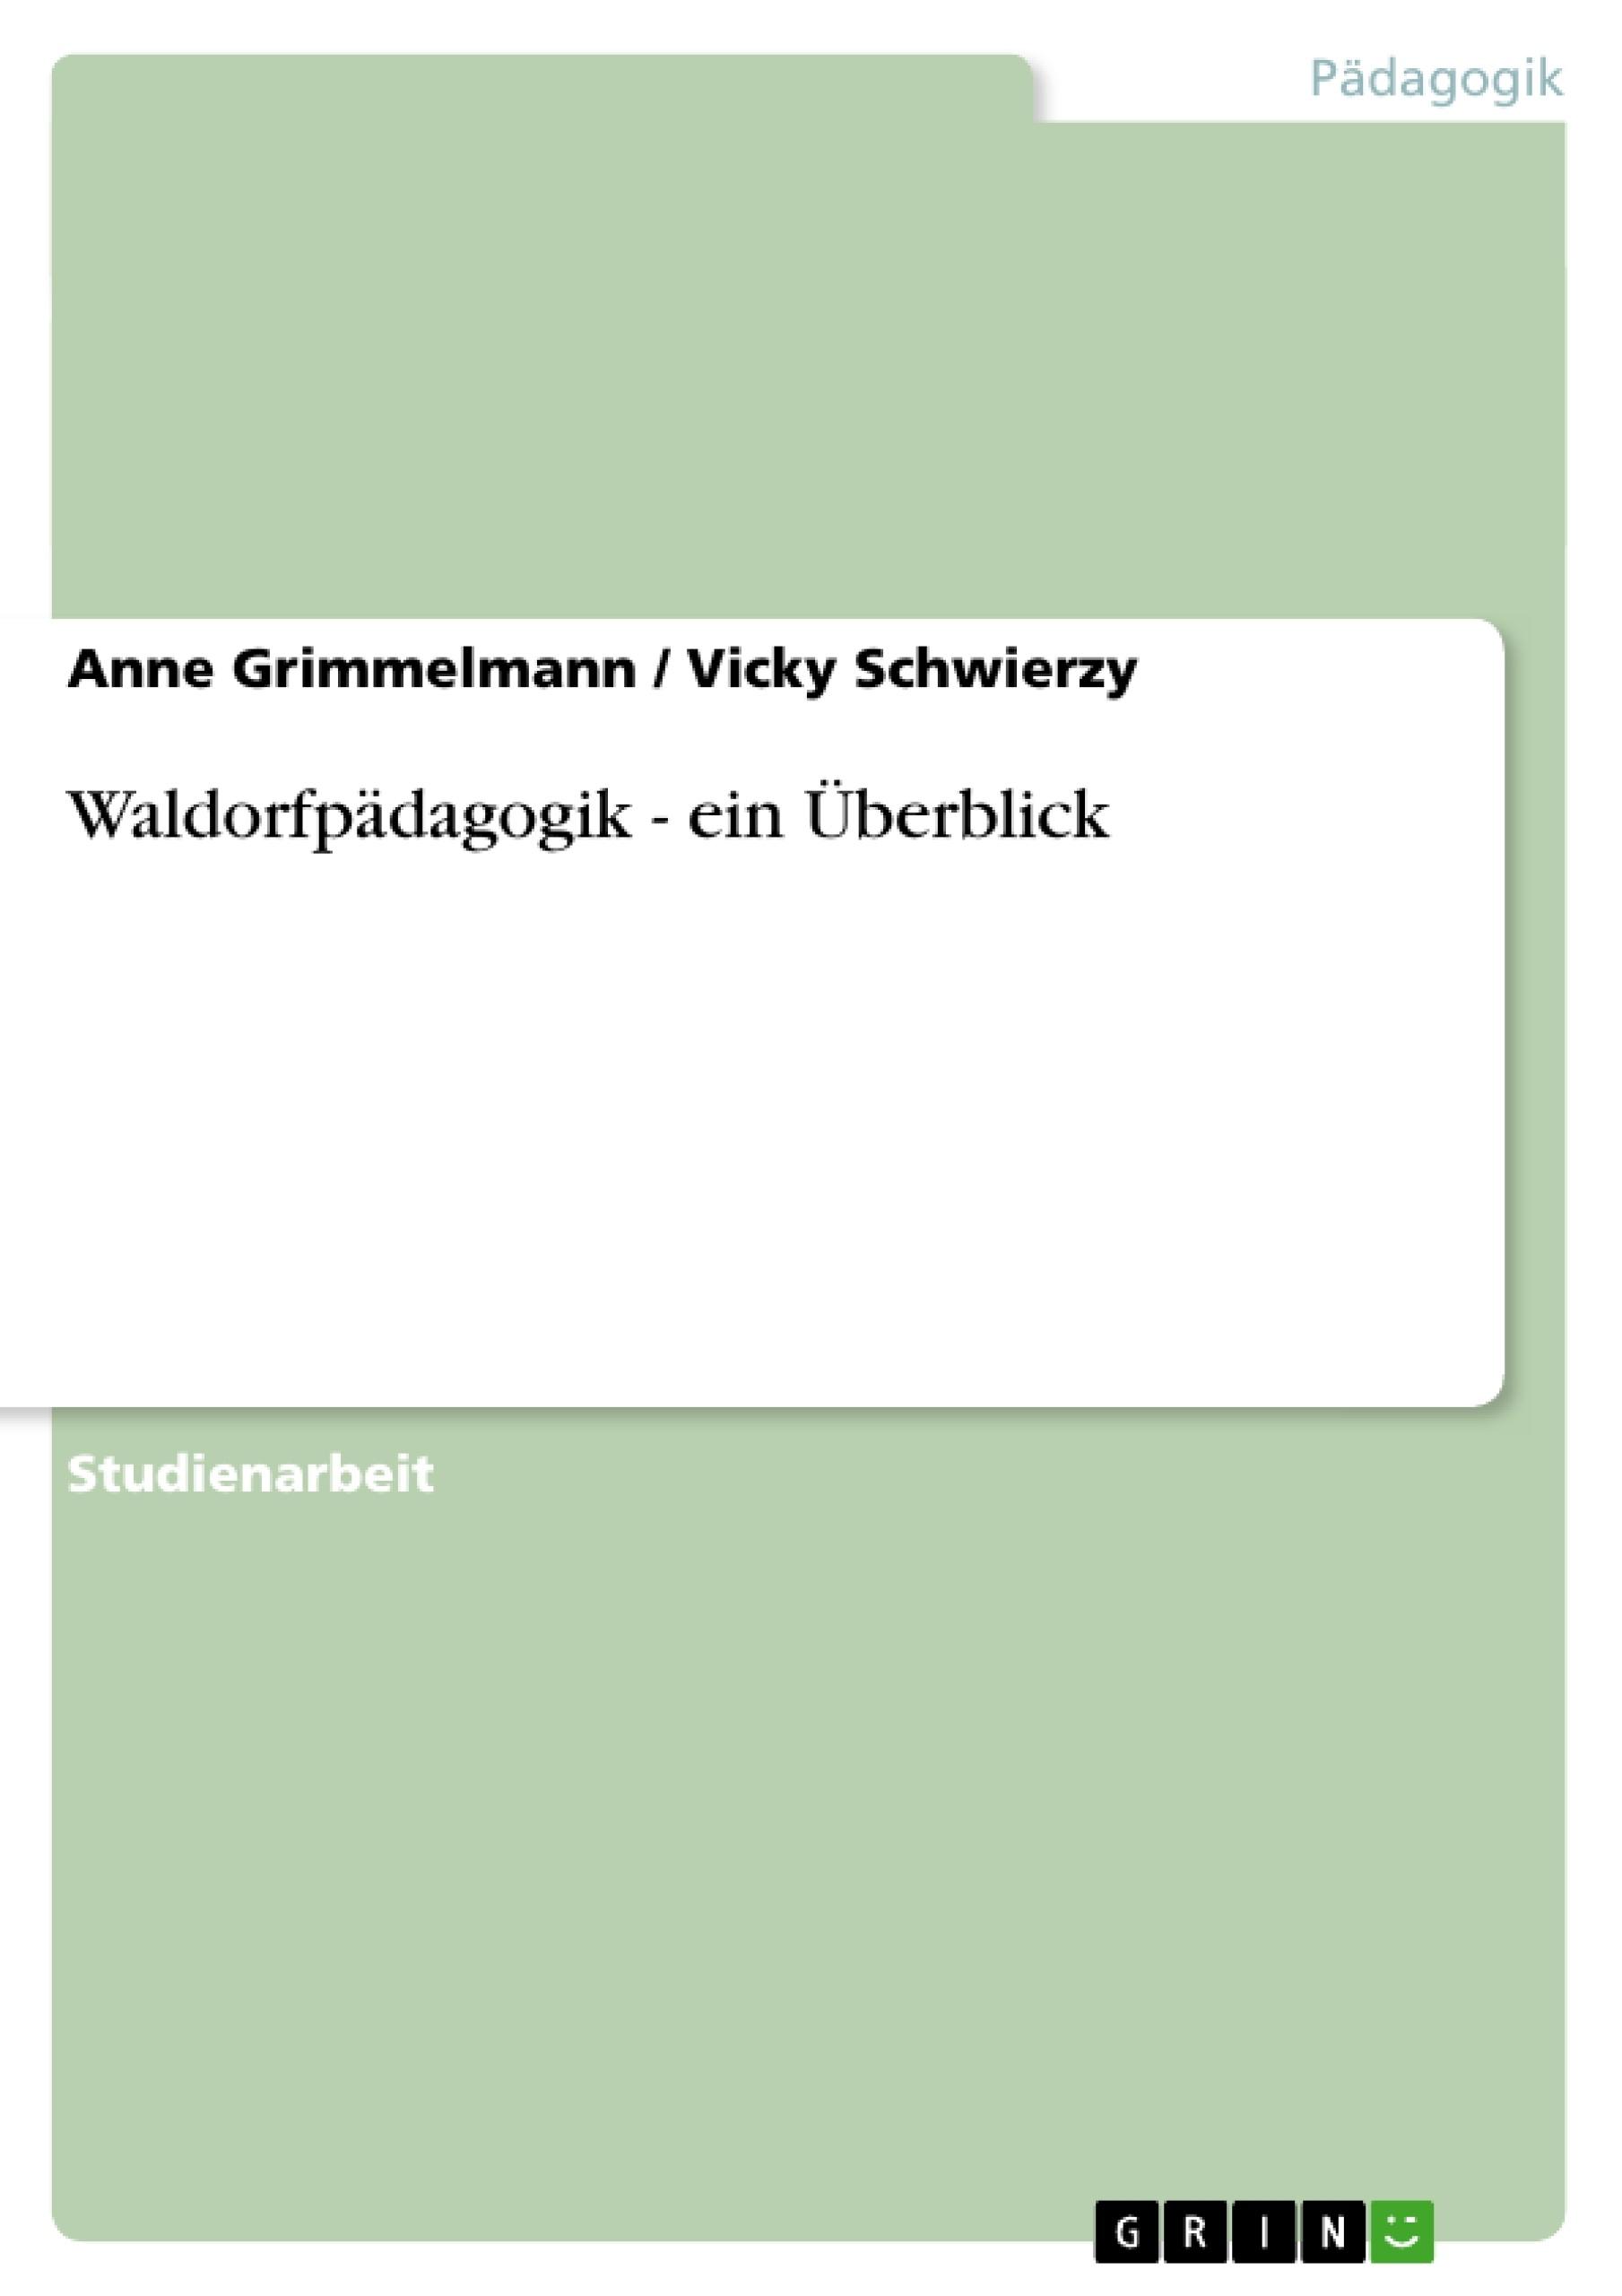 Titel: Waldorfpädagogik - ein Überblick